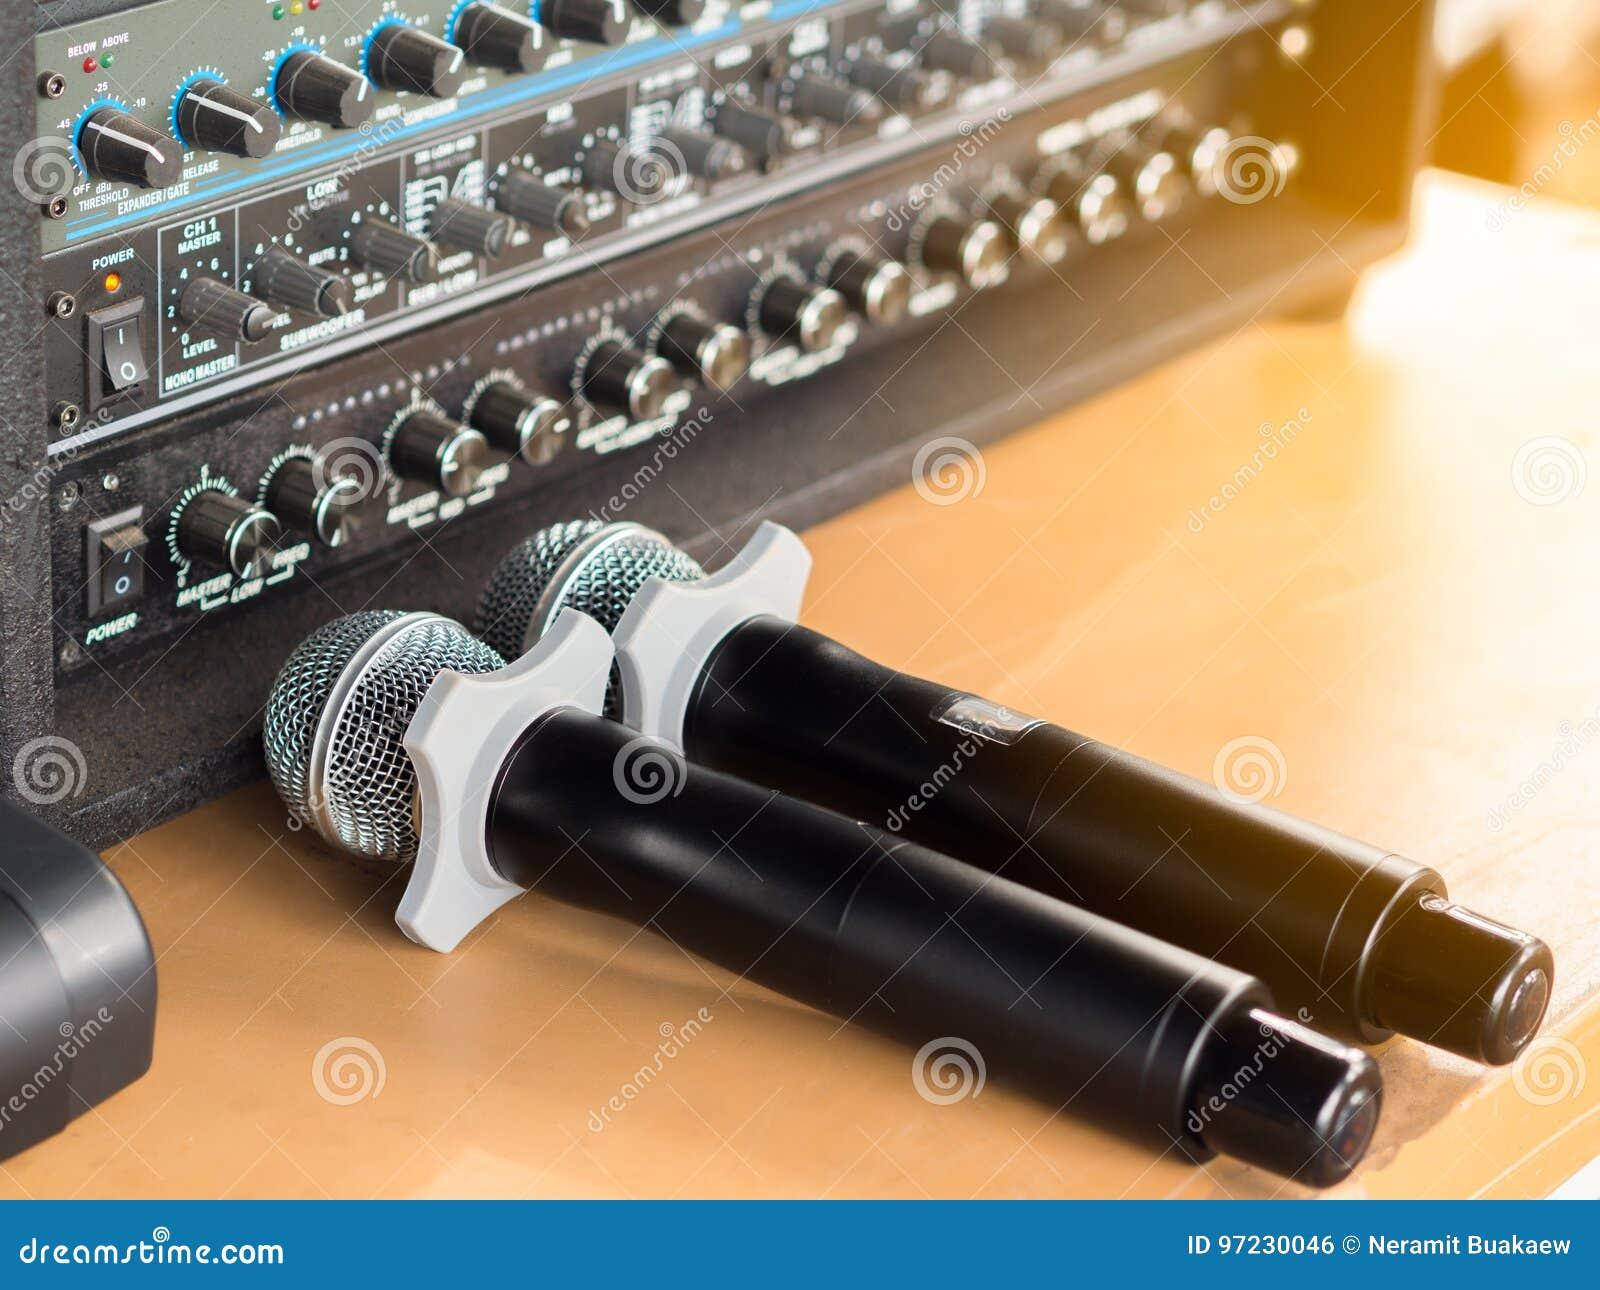 Mikrofon Und Tonanlage Auf Dem Tisch Stockfoto - Bild von ausrüstung ...